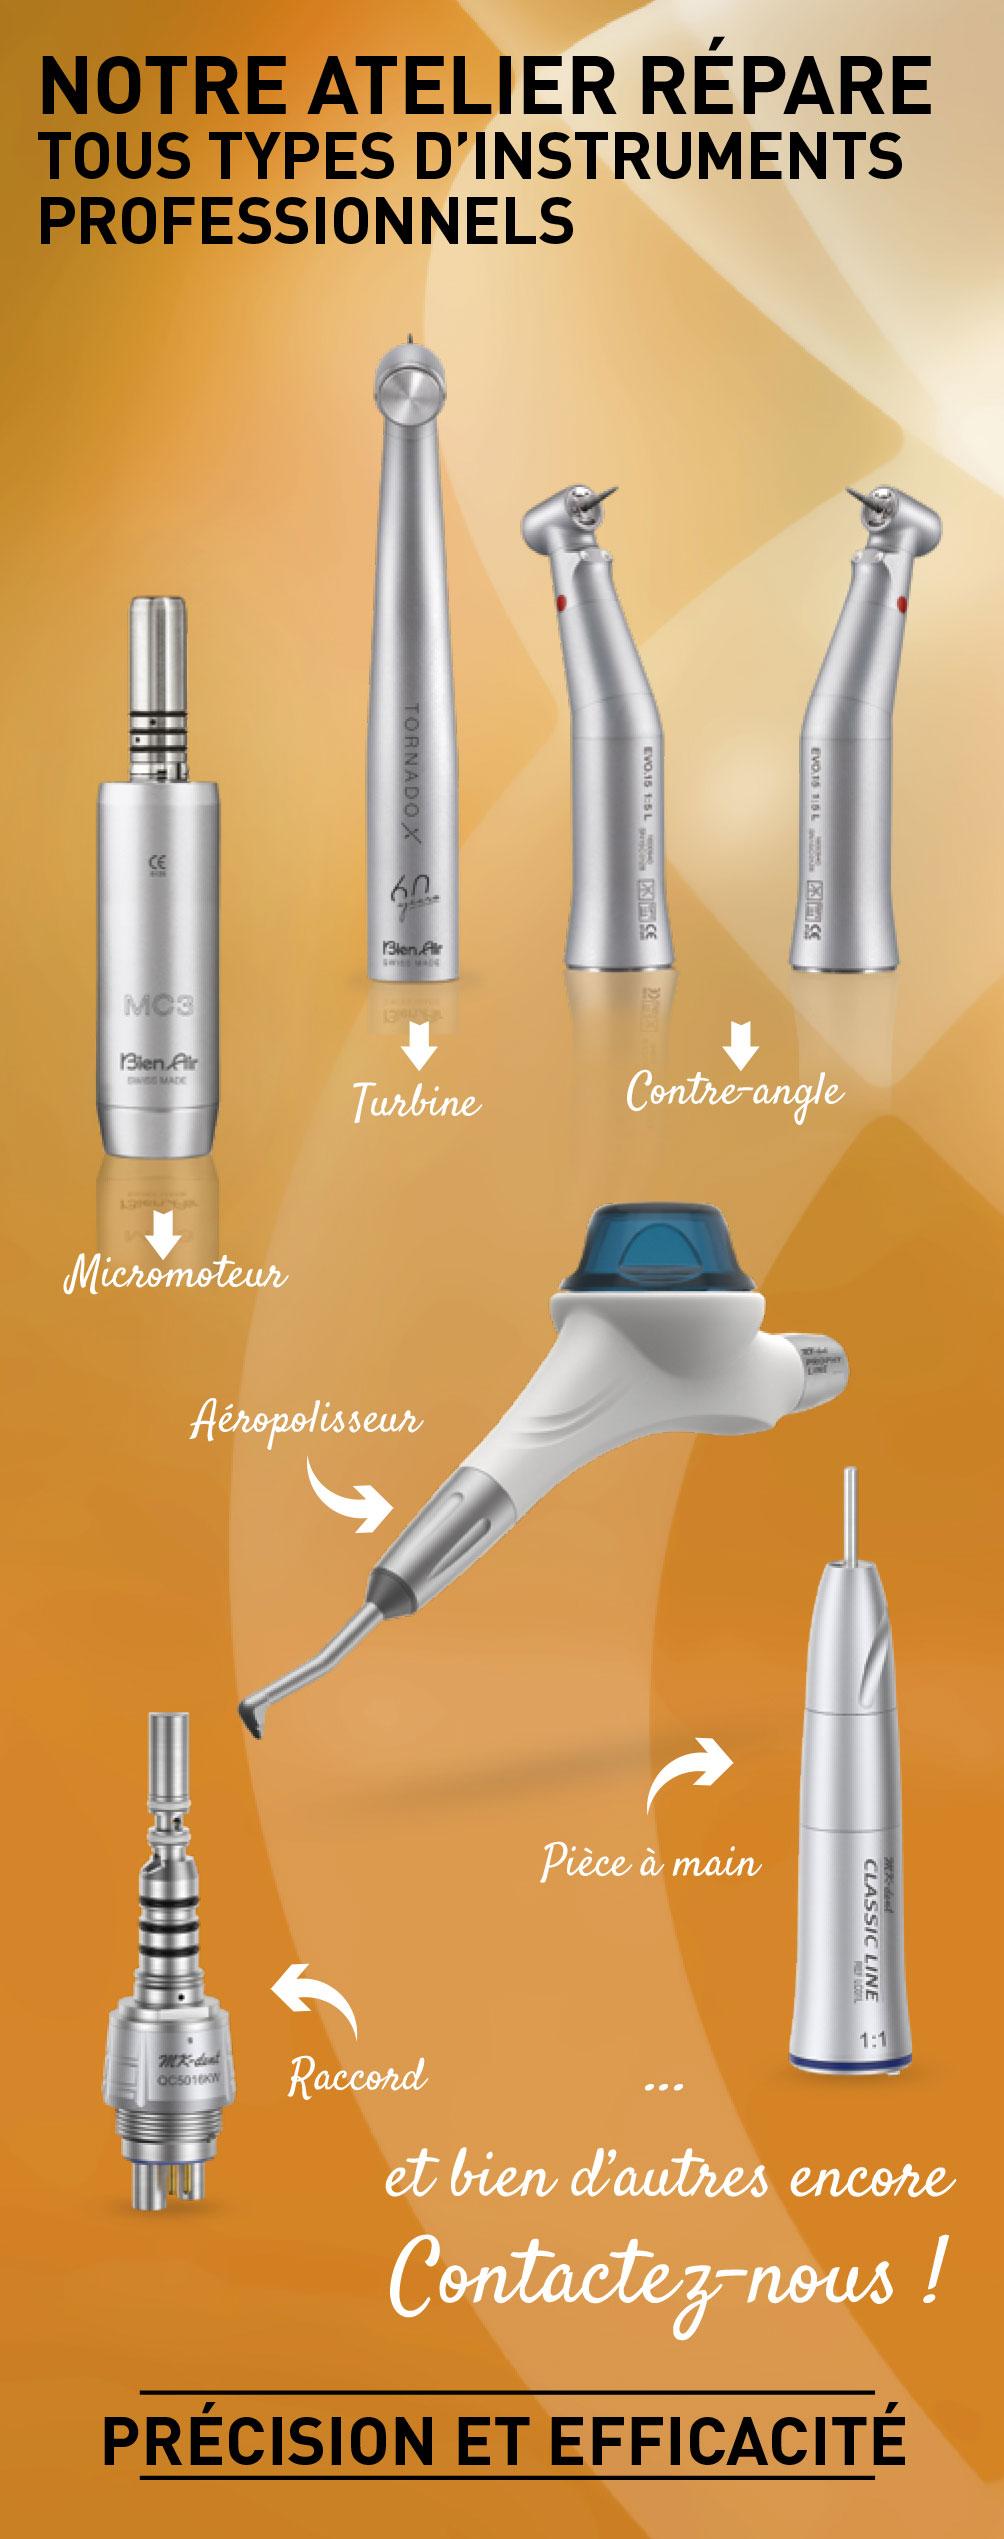 atelier de réparation de matériel dentaire